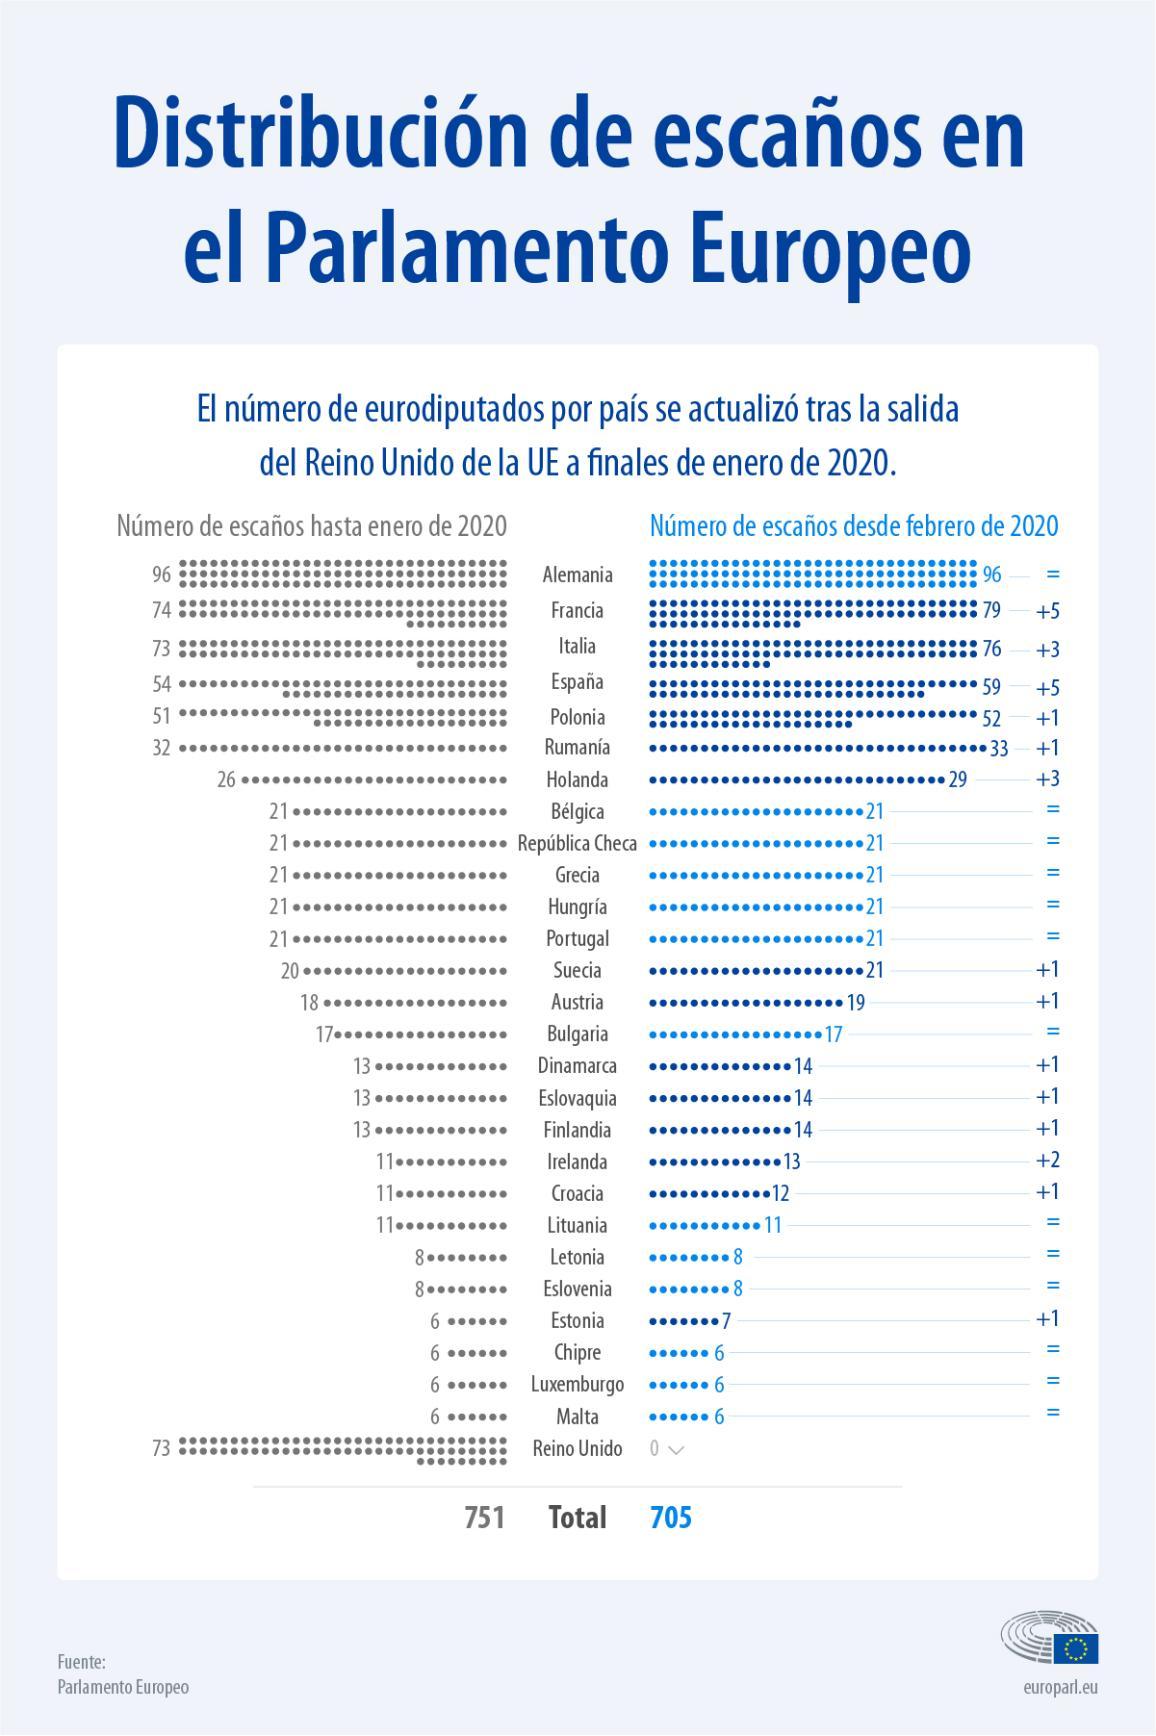 Infografía: distribución de escaños en el Parlamento Europeo.